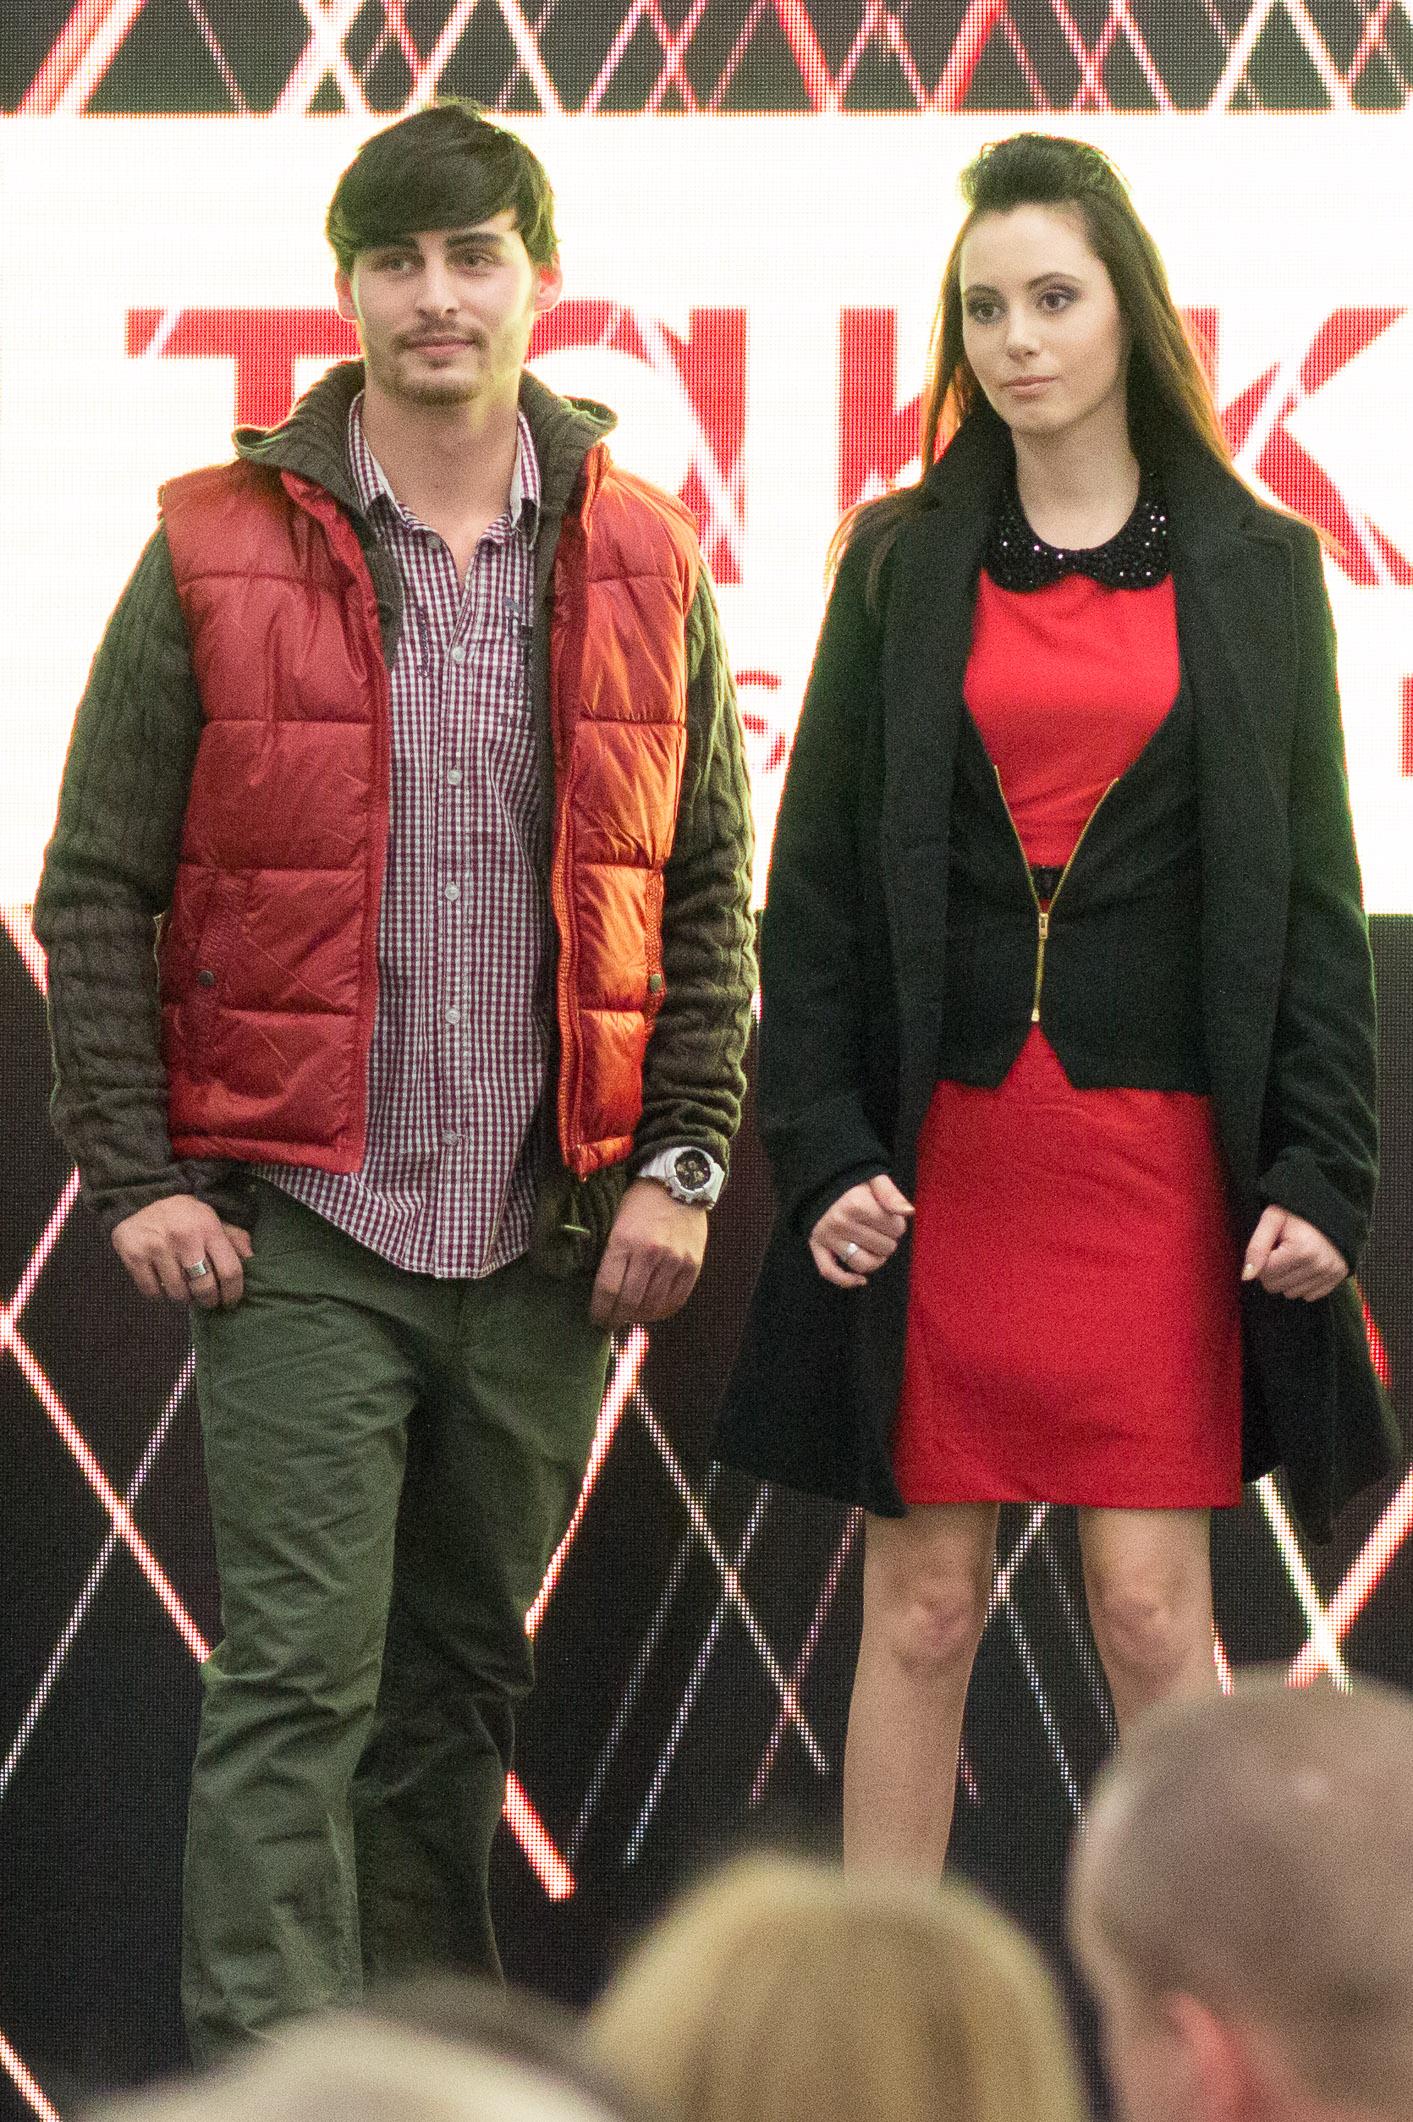 fashion-show-jesen-zima-europa-zvolen-14